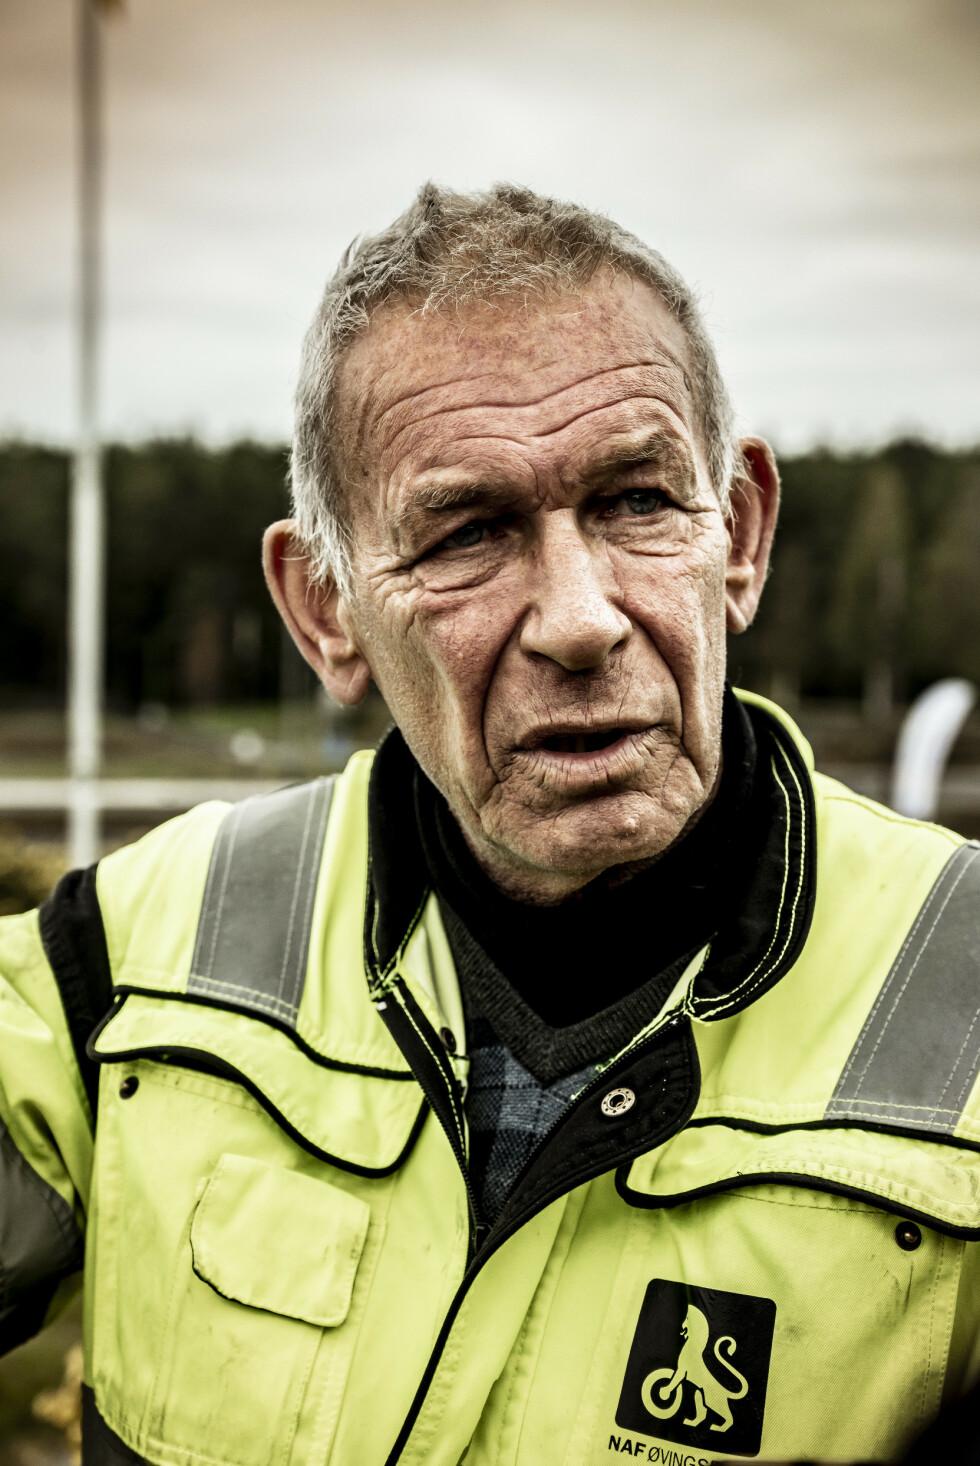 ERFARING: Tormod Schjerpen, daglig leder på NAF øvningsbane på Fetsund, var ansvarlig for å gi testsjåførene utfordringer i form av biler, elger og fotgjengere på glattkjøringsbanen. Han var meget fornøyd med ferdighetene til Hoksrud. Foto: Jamieson Pothecary.